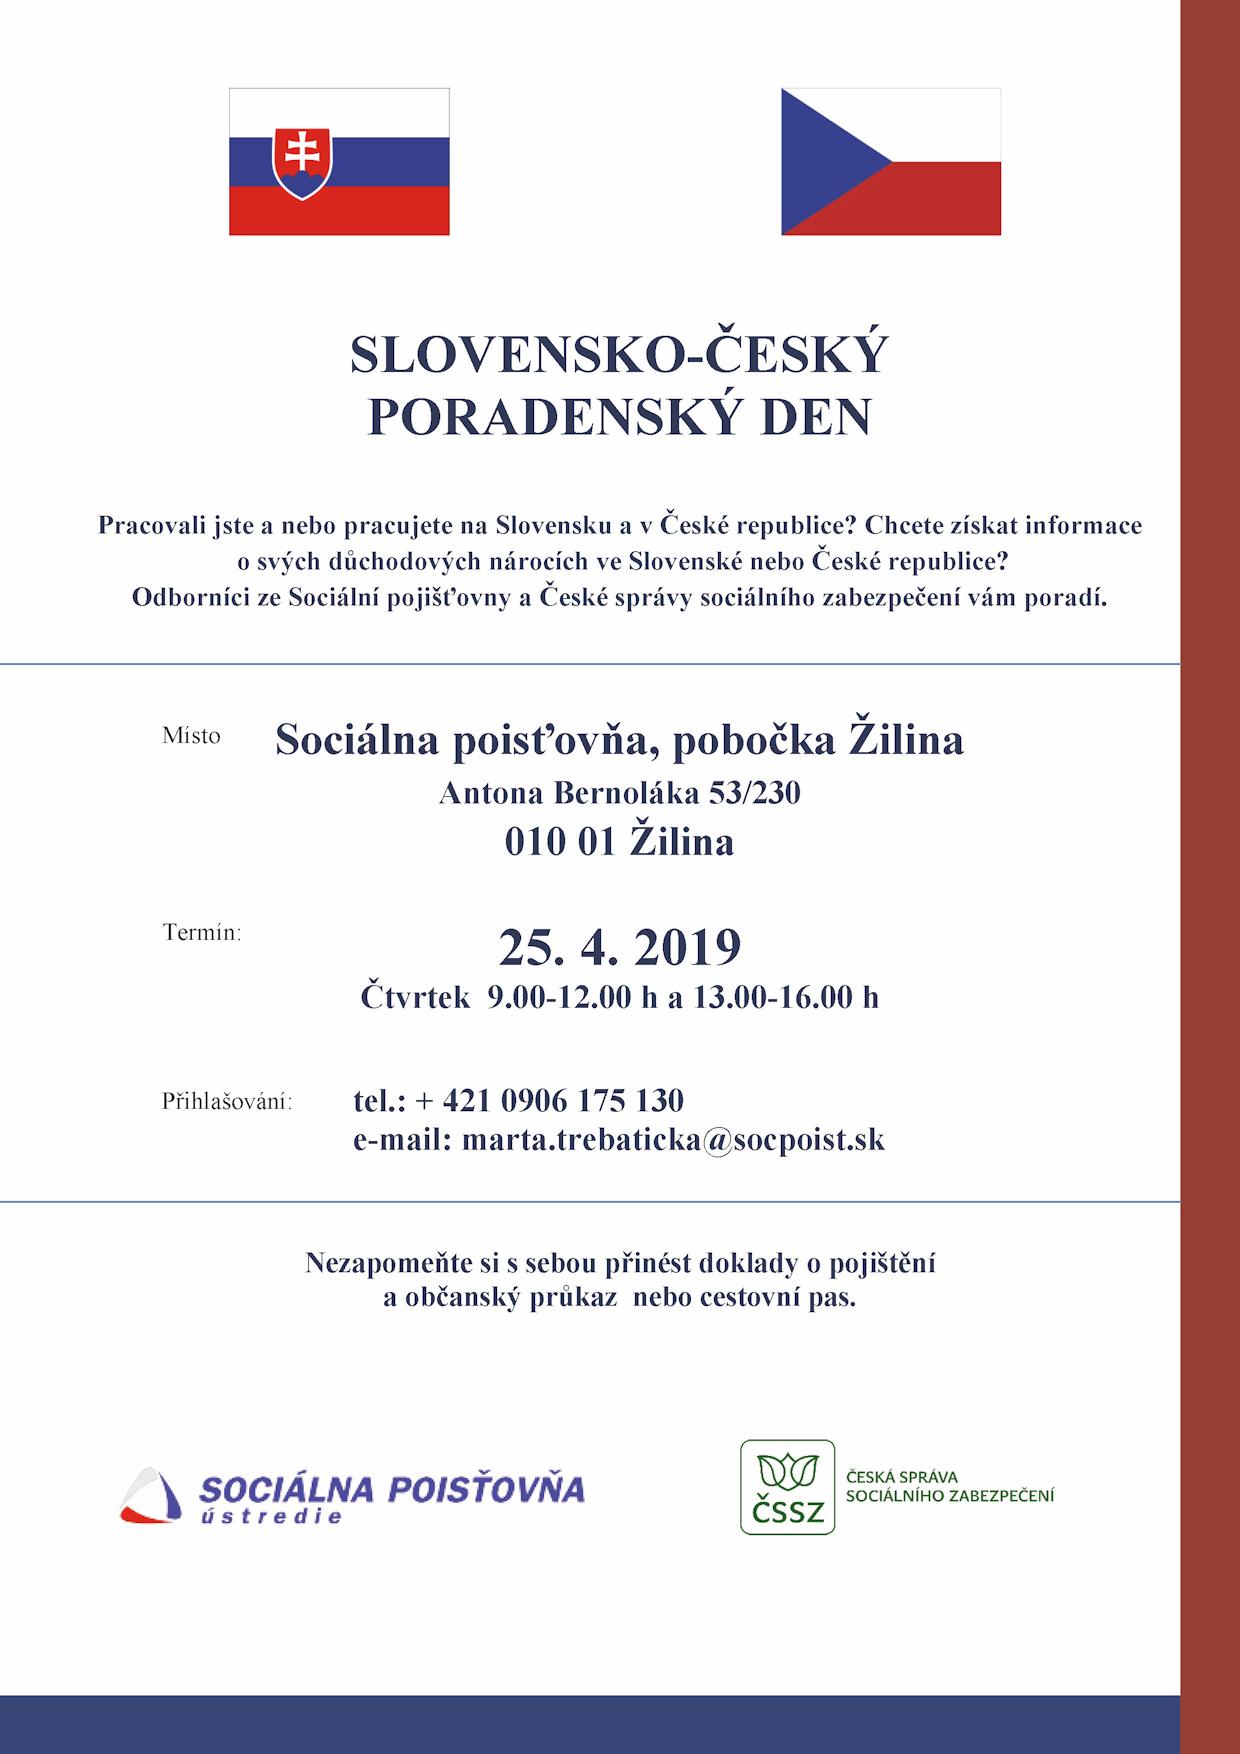 Slovensko-český poradenský den